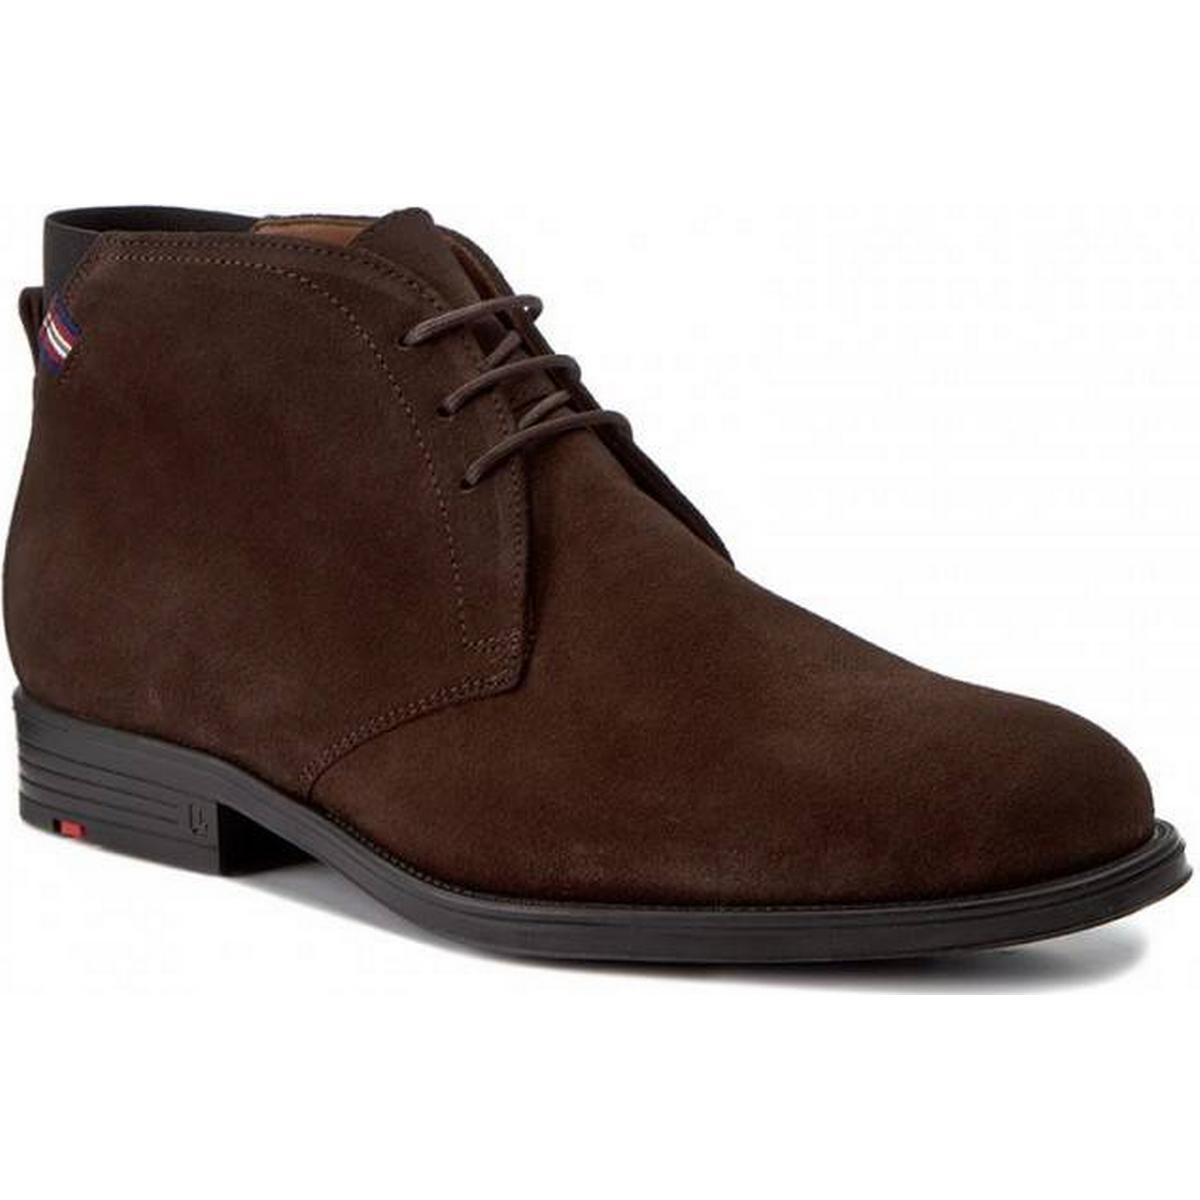 ce2f8109b2d LLOYD Støvler - Sammenlign priser hos PriceRunner